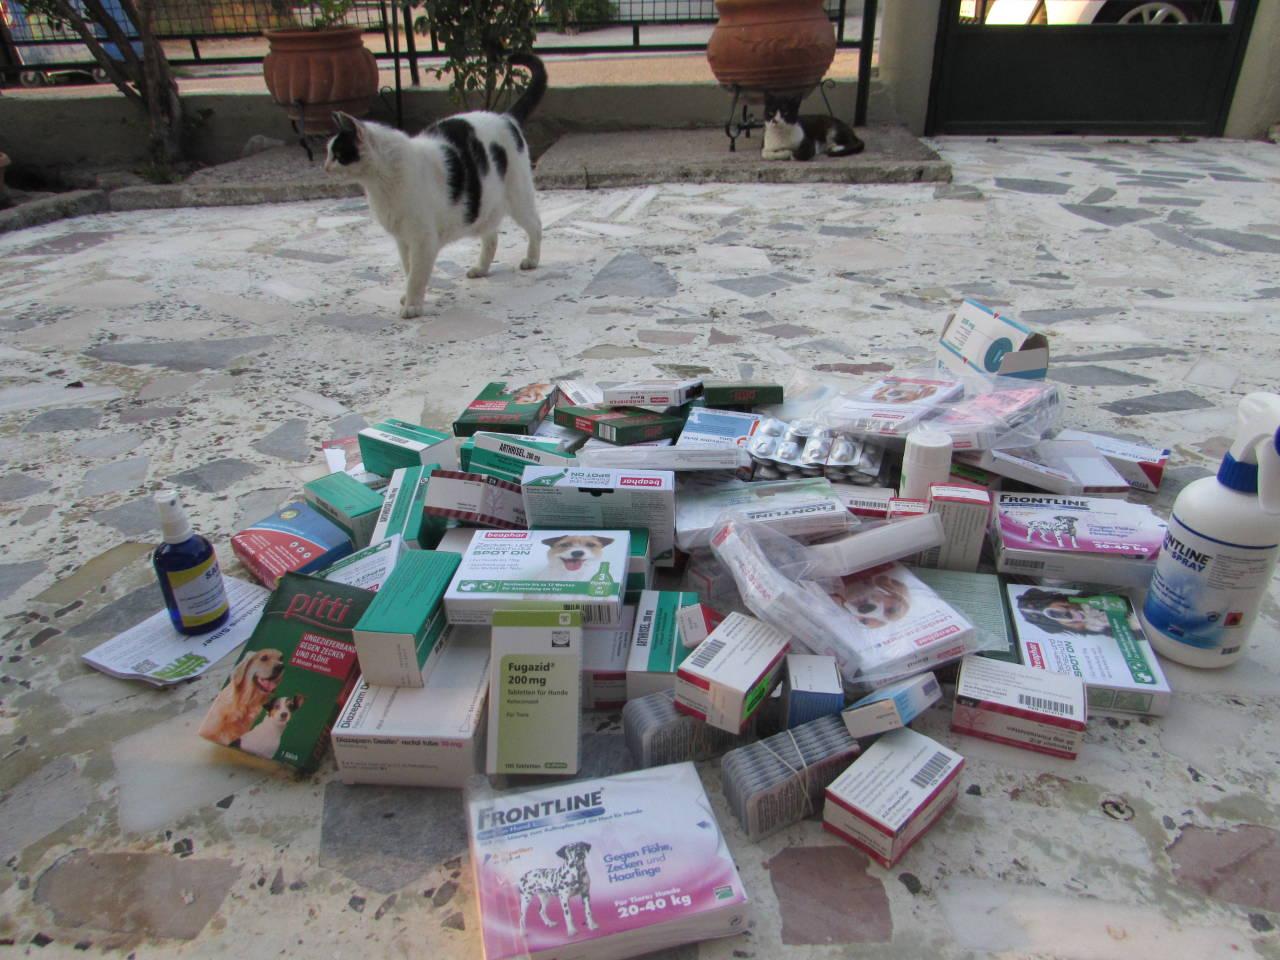 Übergabe der Antiparasitenmittel und Medikamete vor Ort in Patras